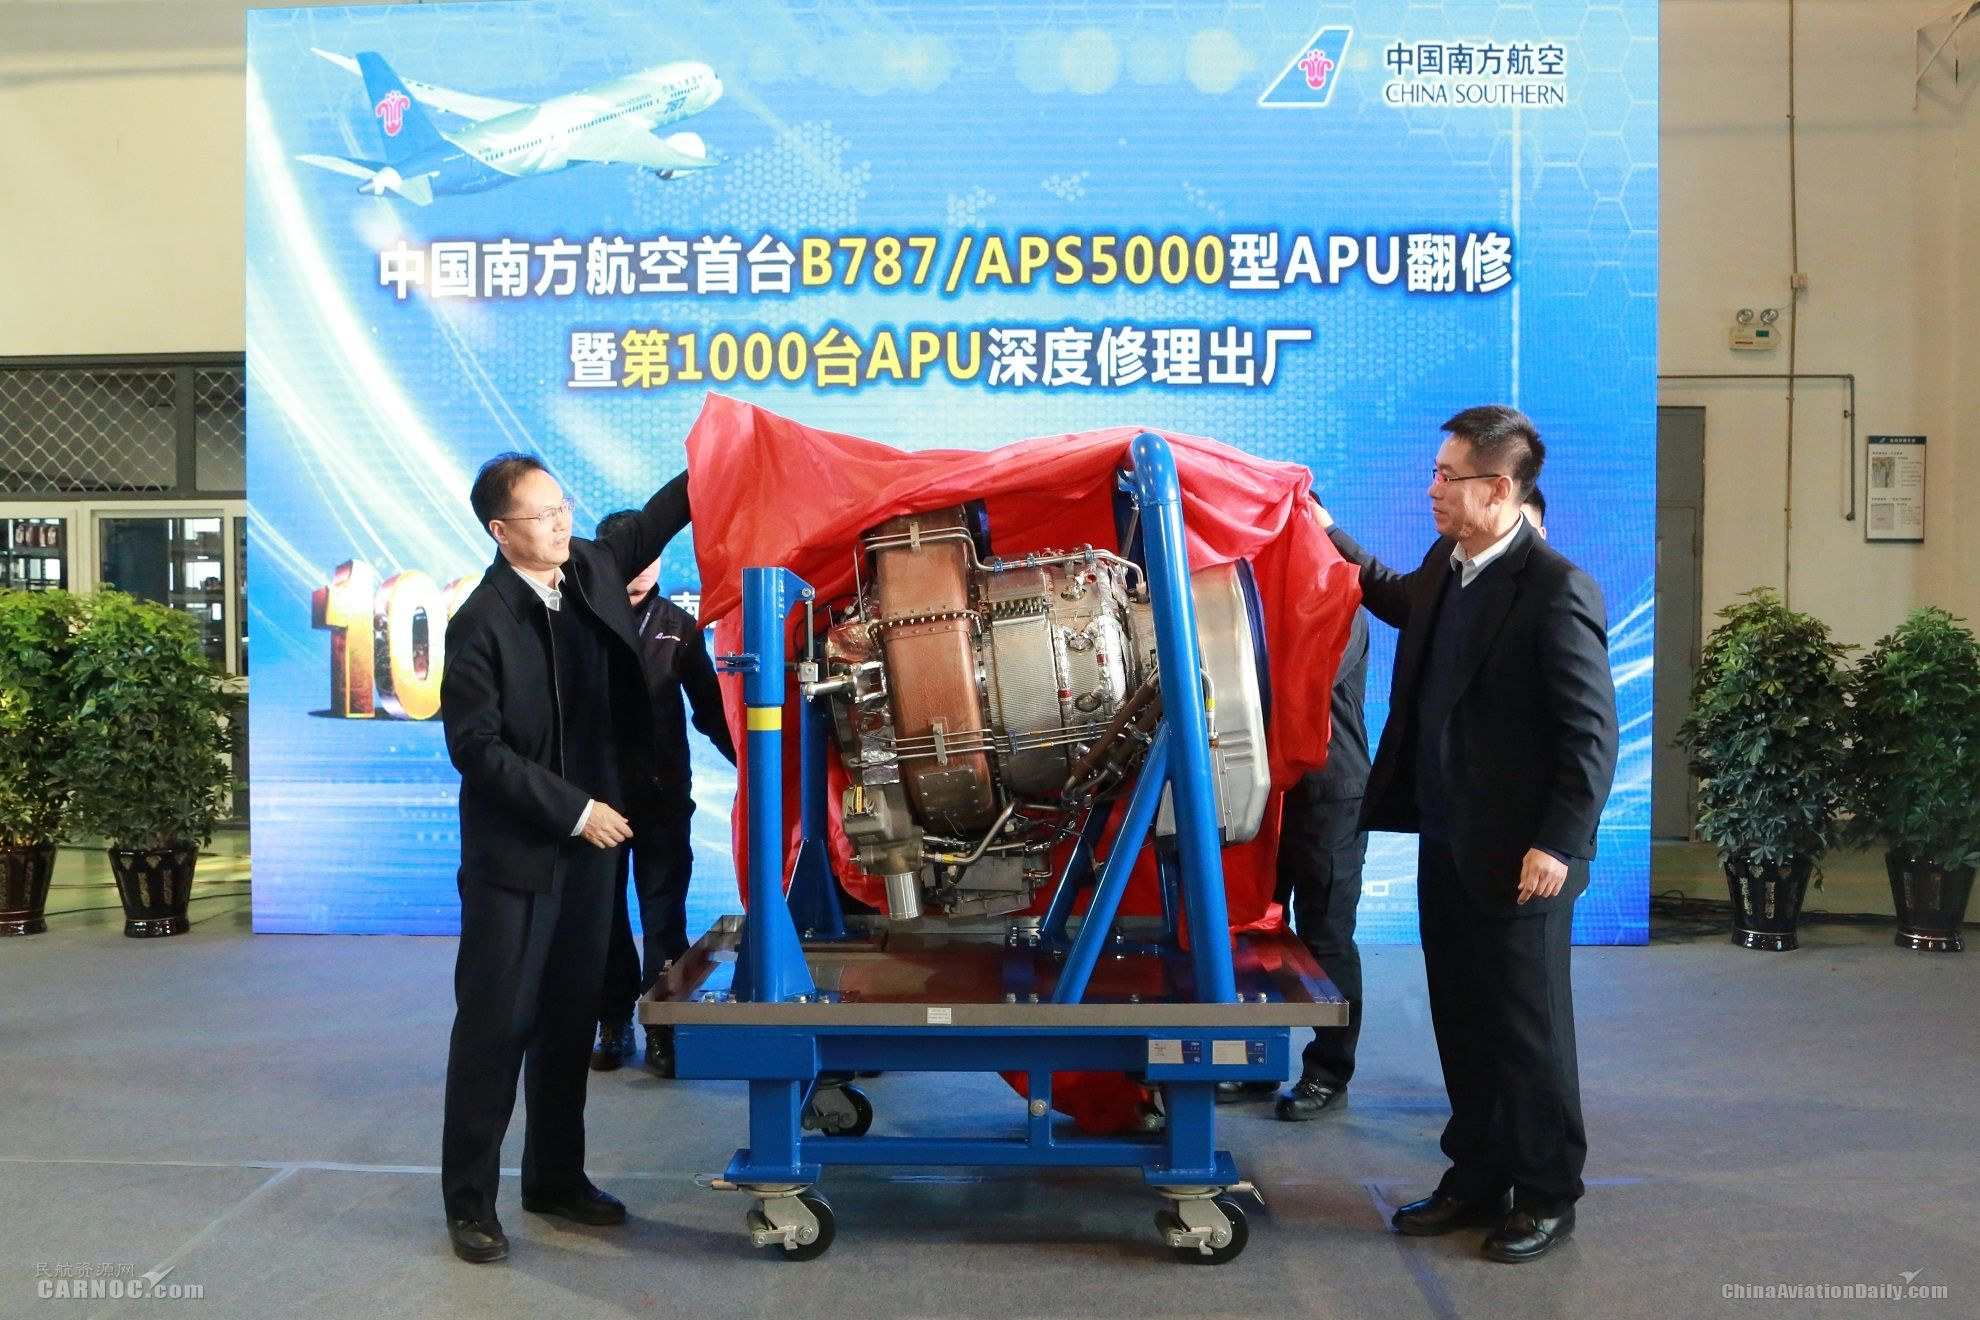 民航东北地区管理局适航处主任李永祥、南航机务工程部沈阳飞机维修基地总经理王威为B787飞机APS5000型APU翻修出厂揭幕